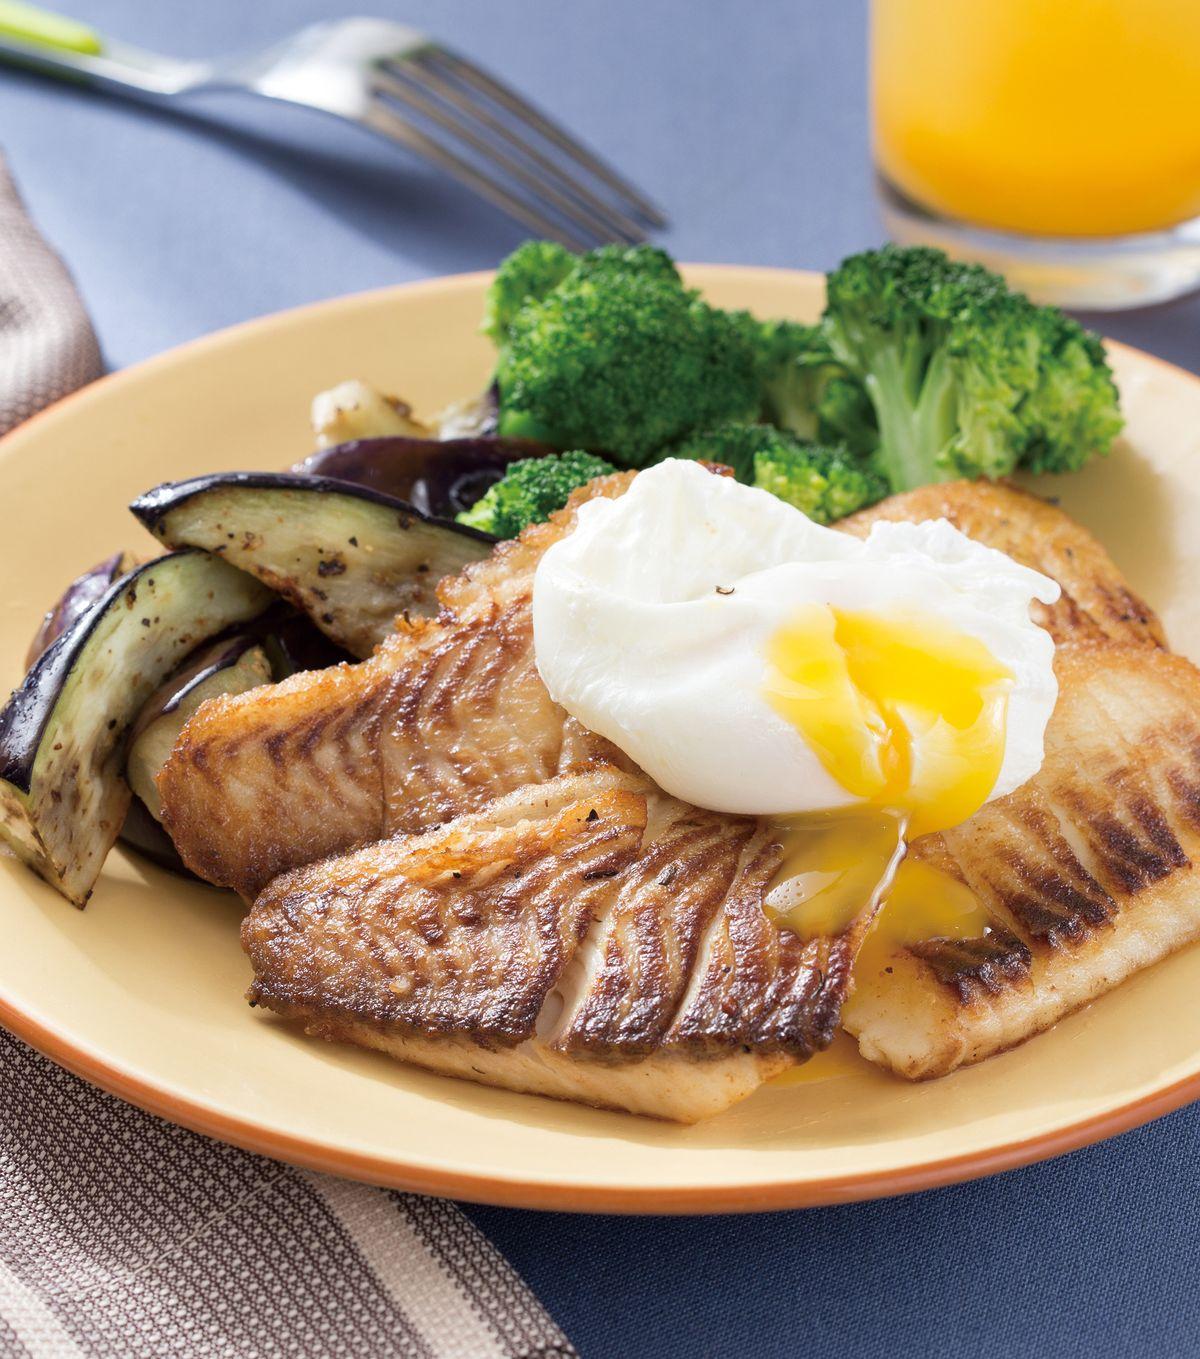 食譜:水波蛋煎魚排